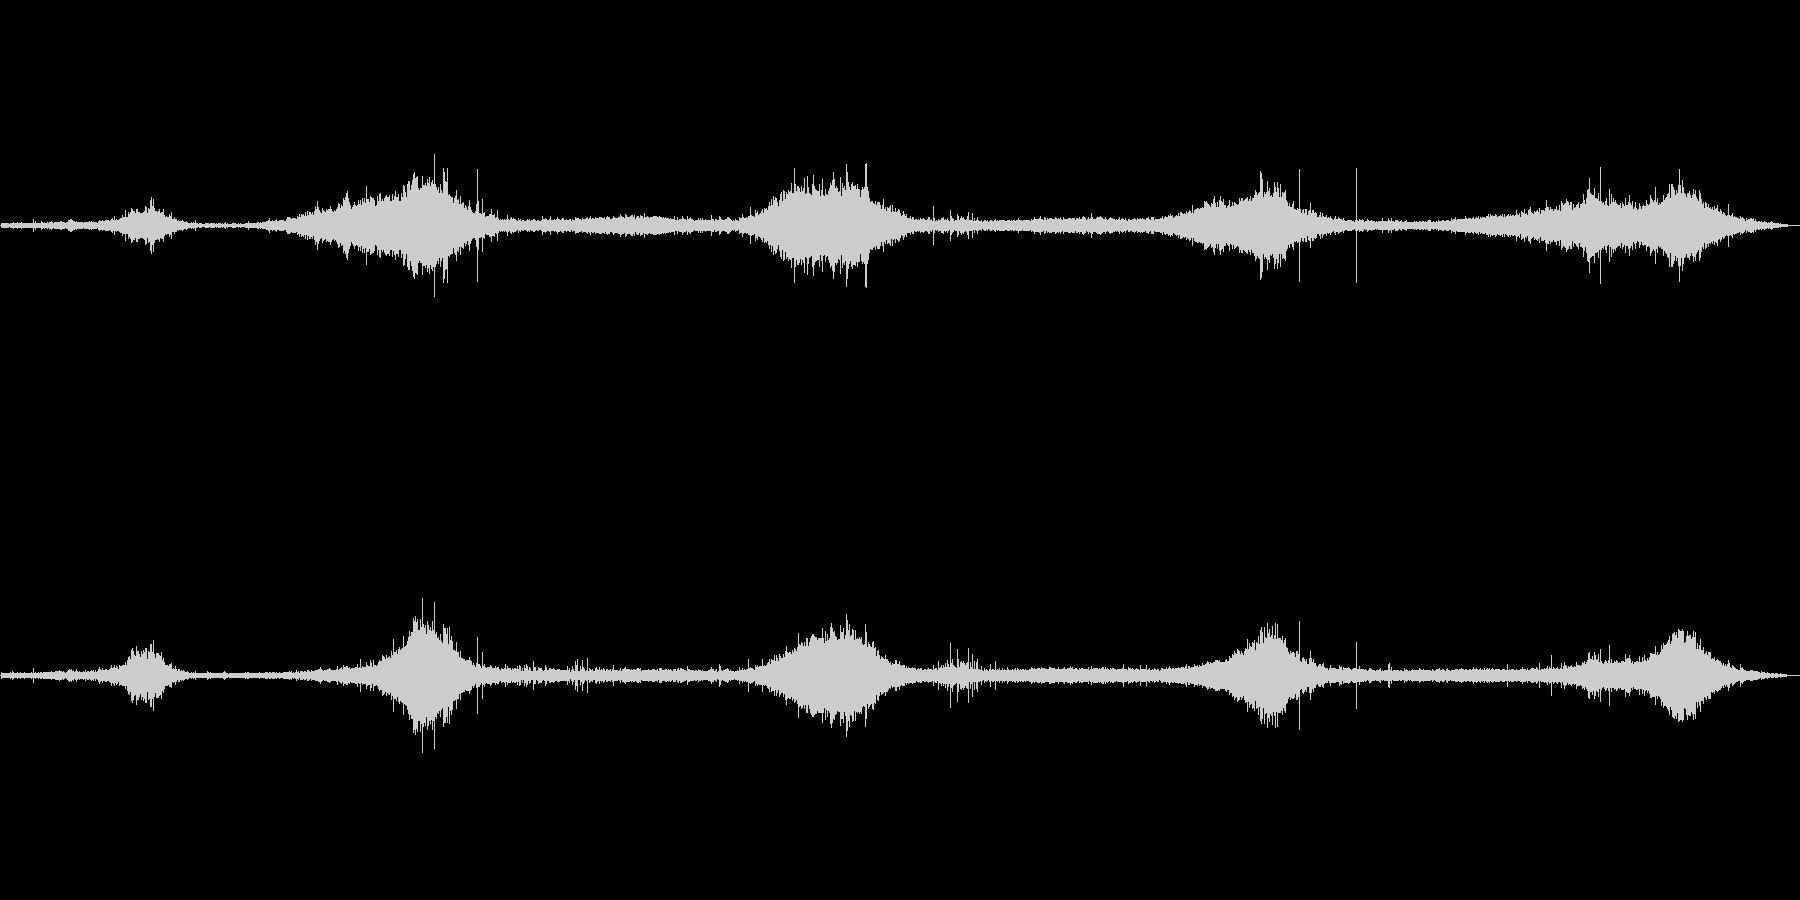 ゴットランド島の波の音 弱め ザザーの未再生の波形